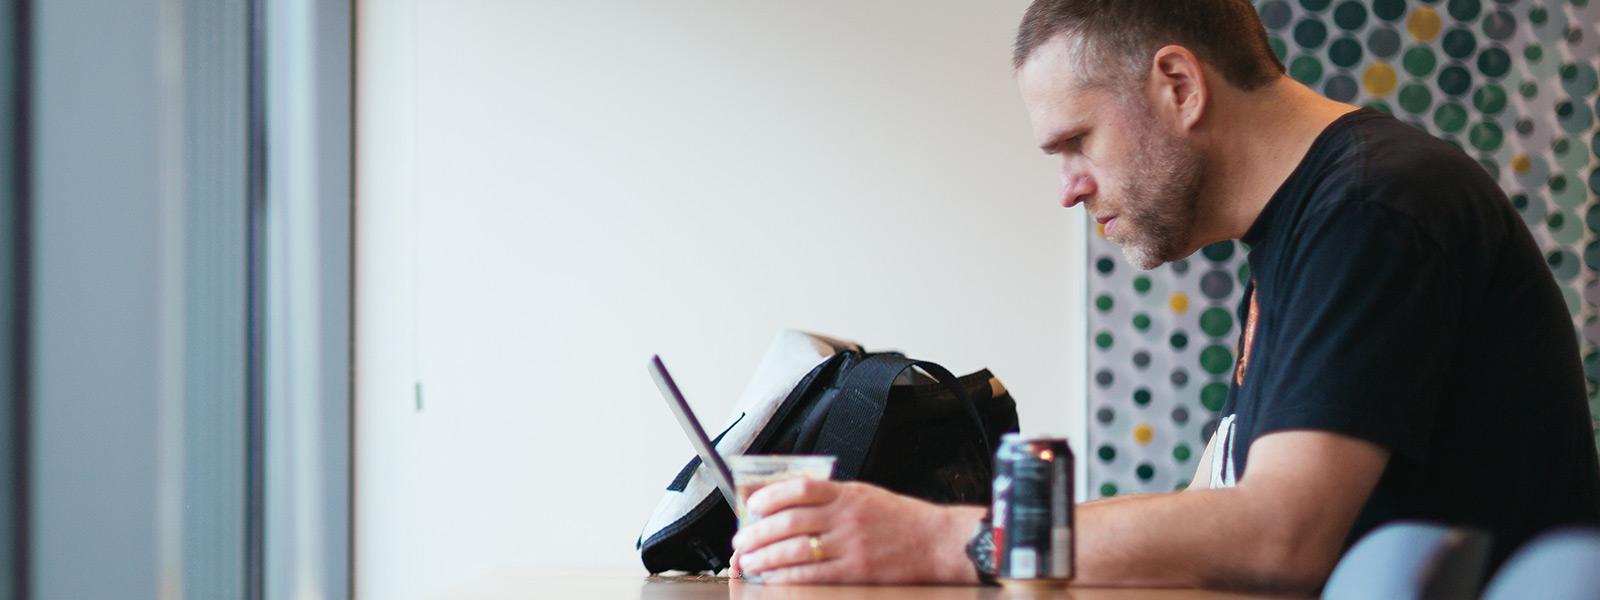 一名男士坐在桌边,正在使用 Windows 10 电脑进行工作